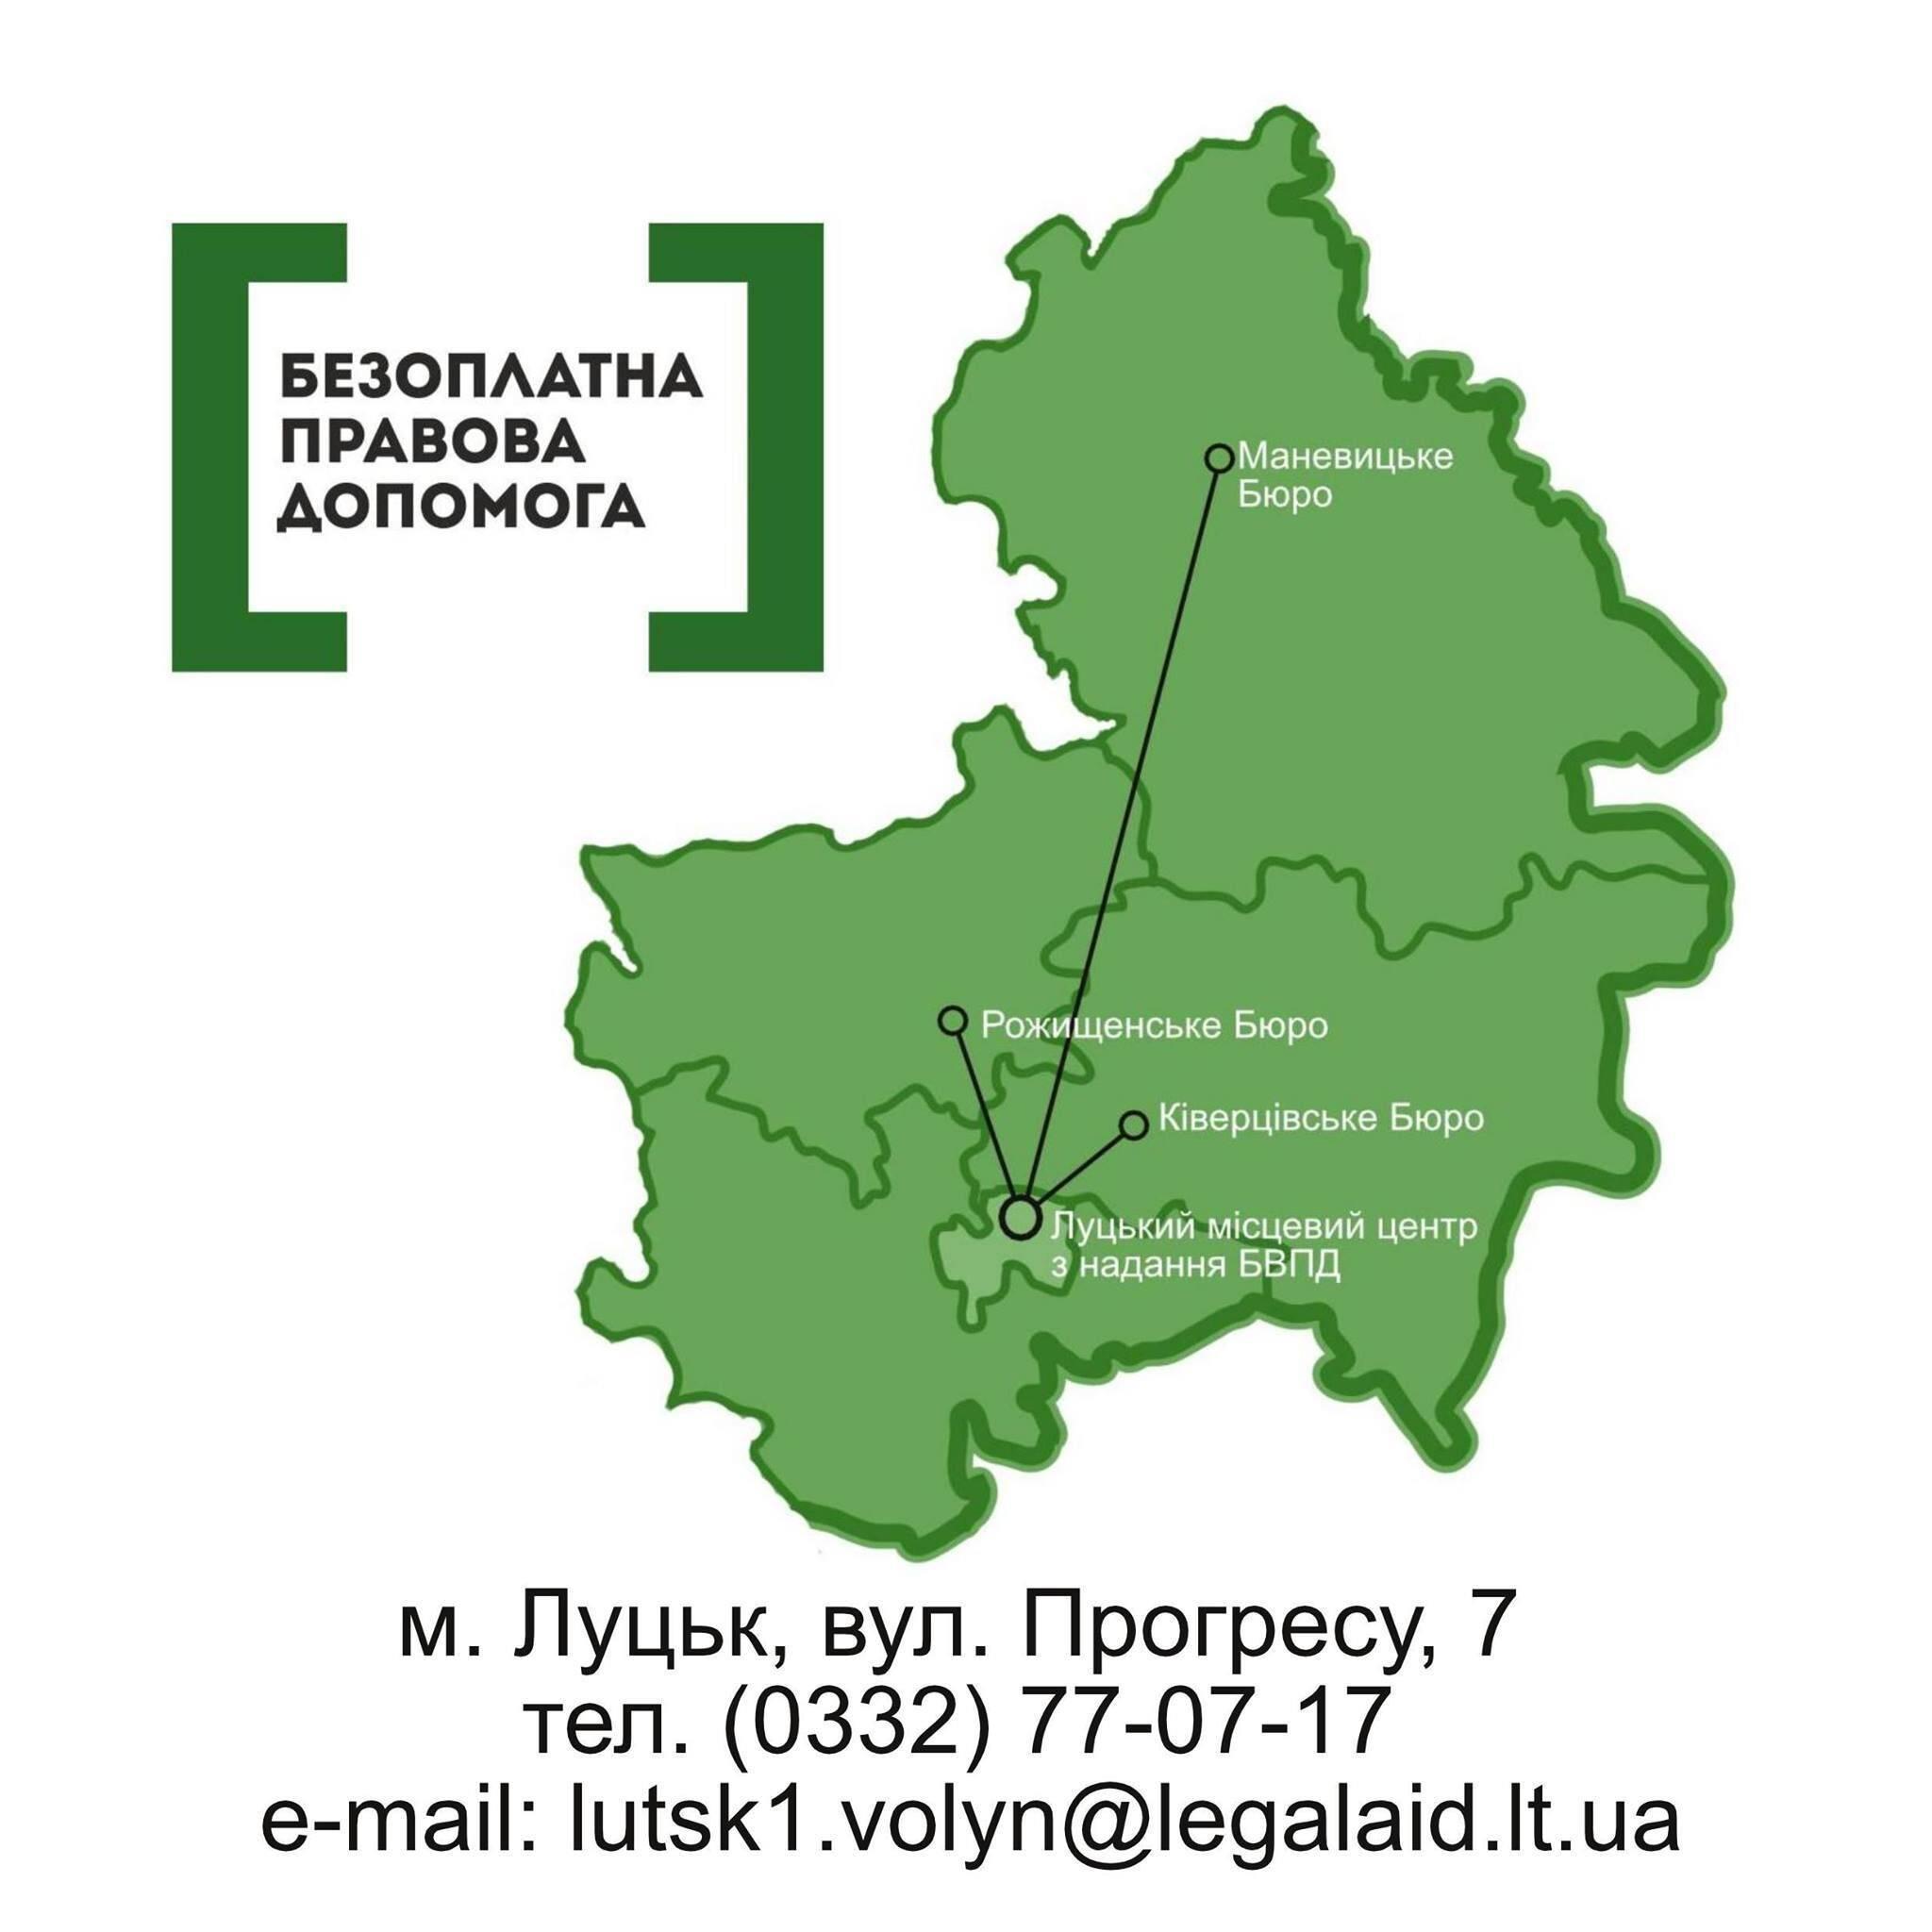 Луцький місцевий центр з надання безоплатної вторинної правової допомоги